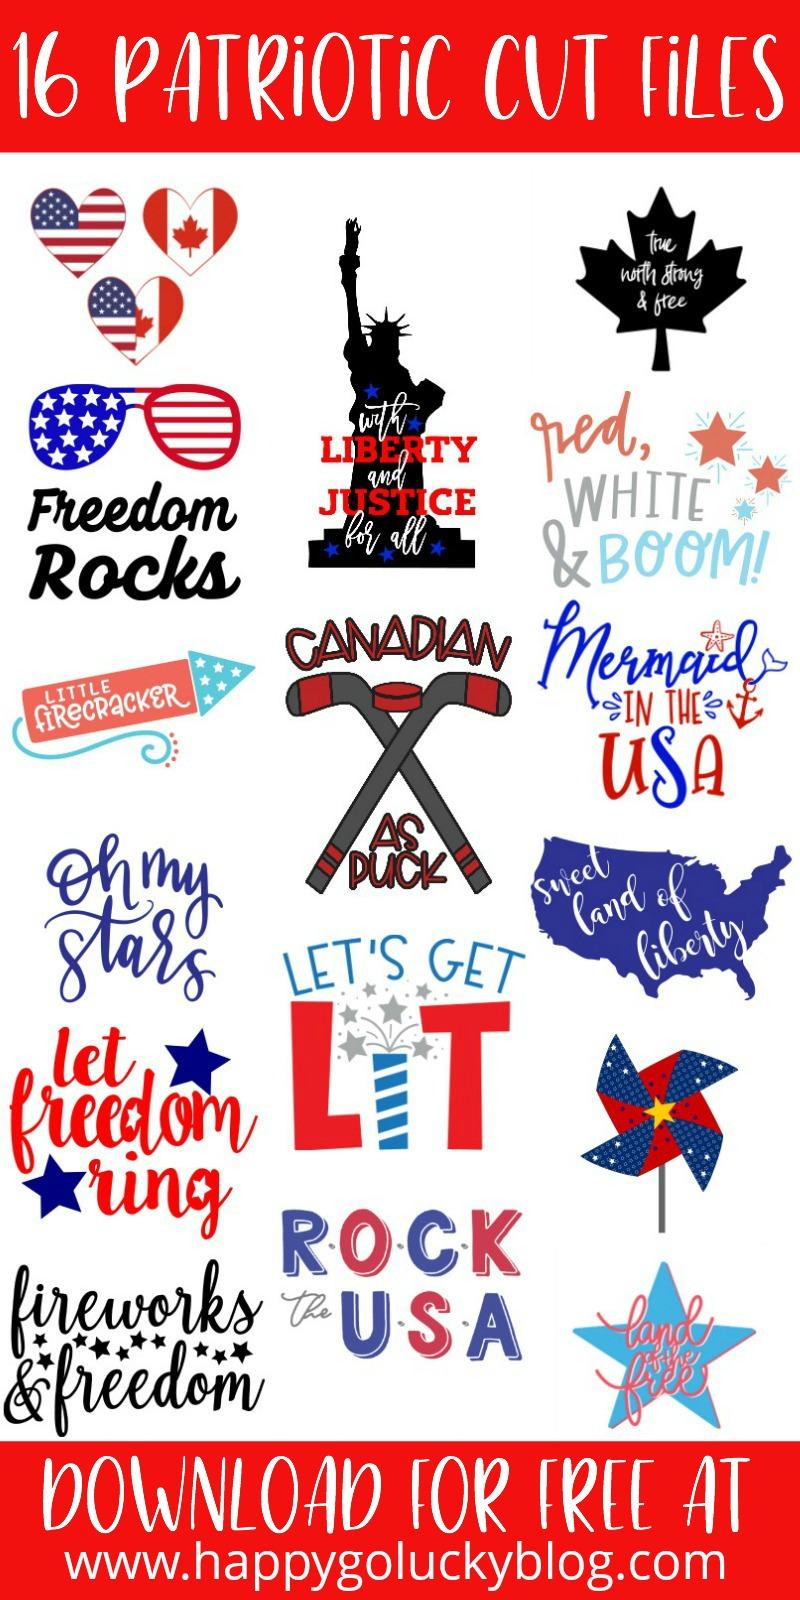 Patriotic Cut Files Collage